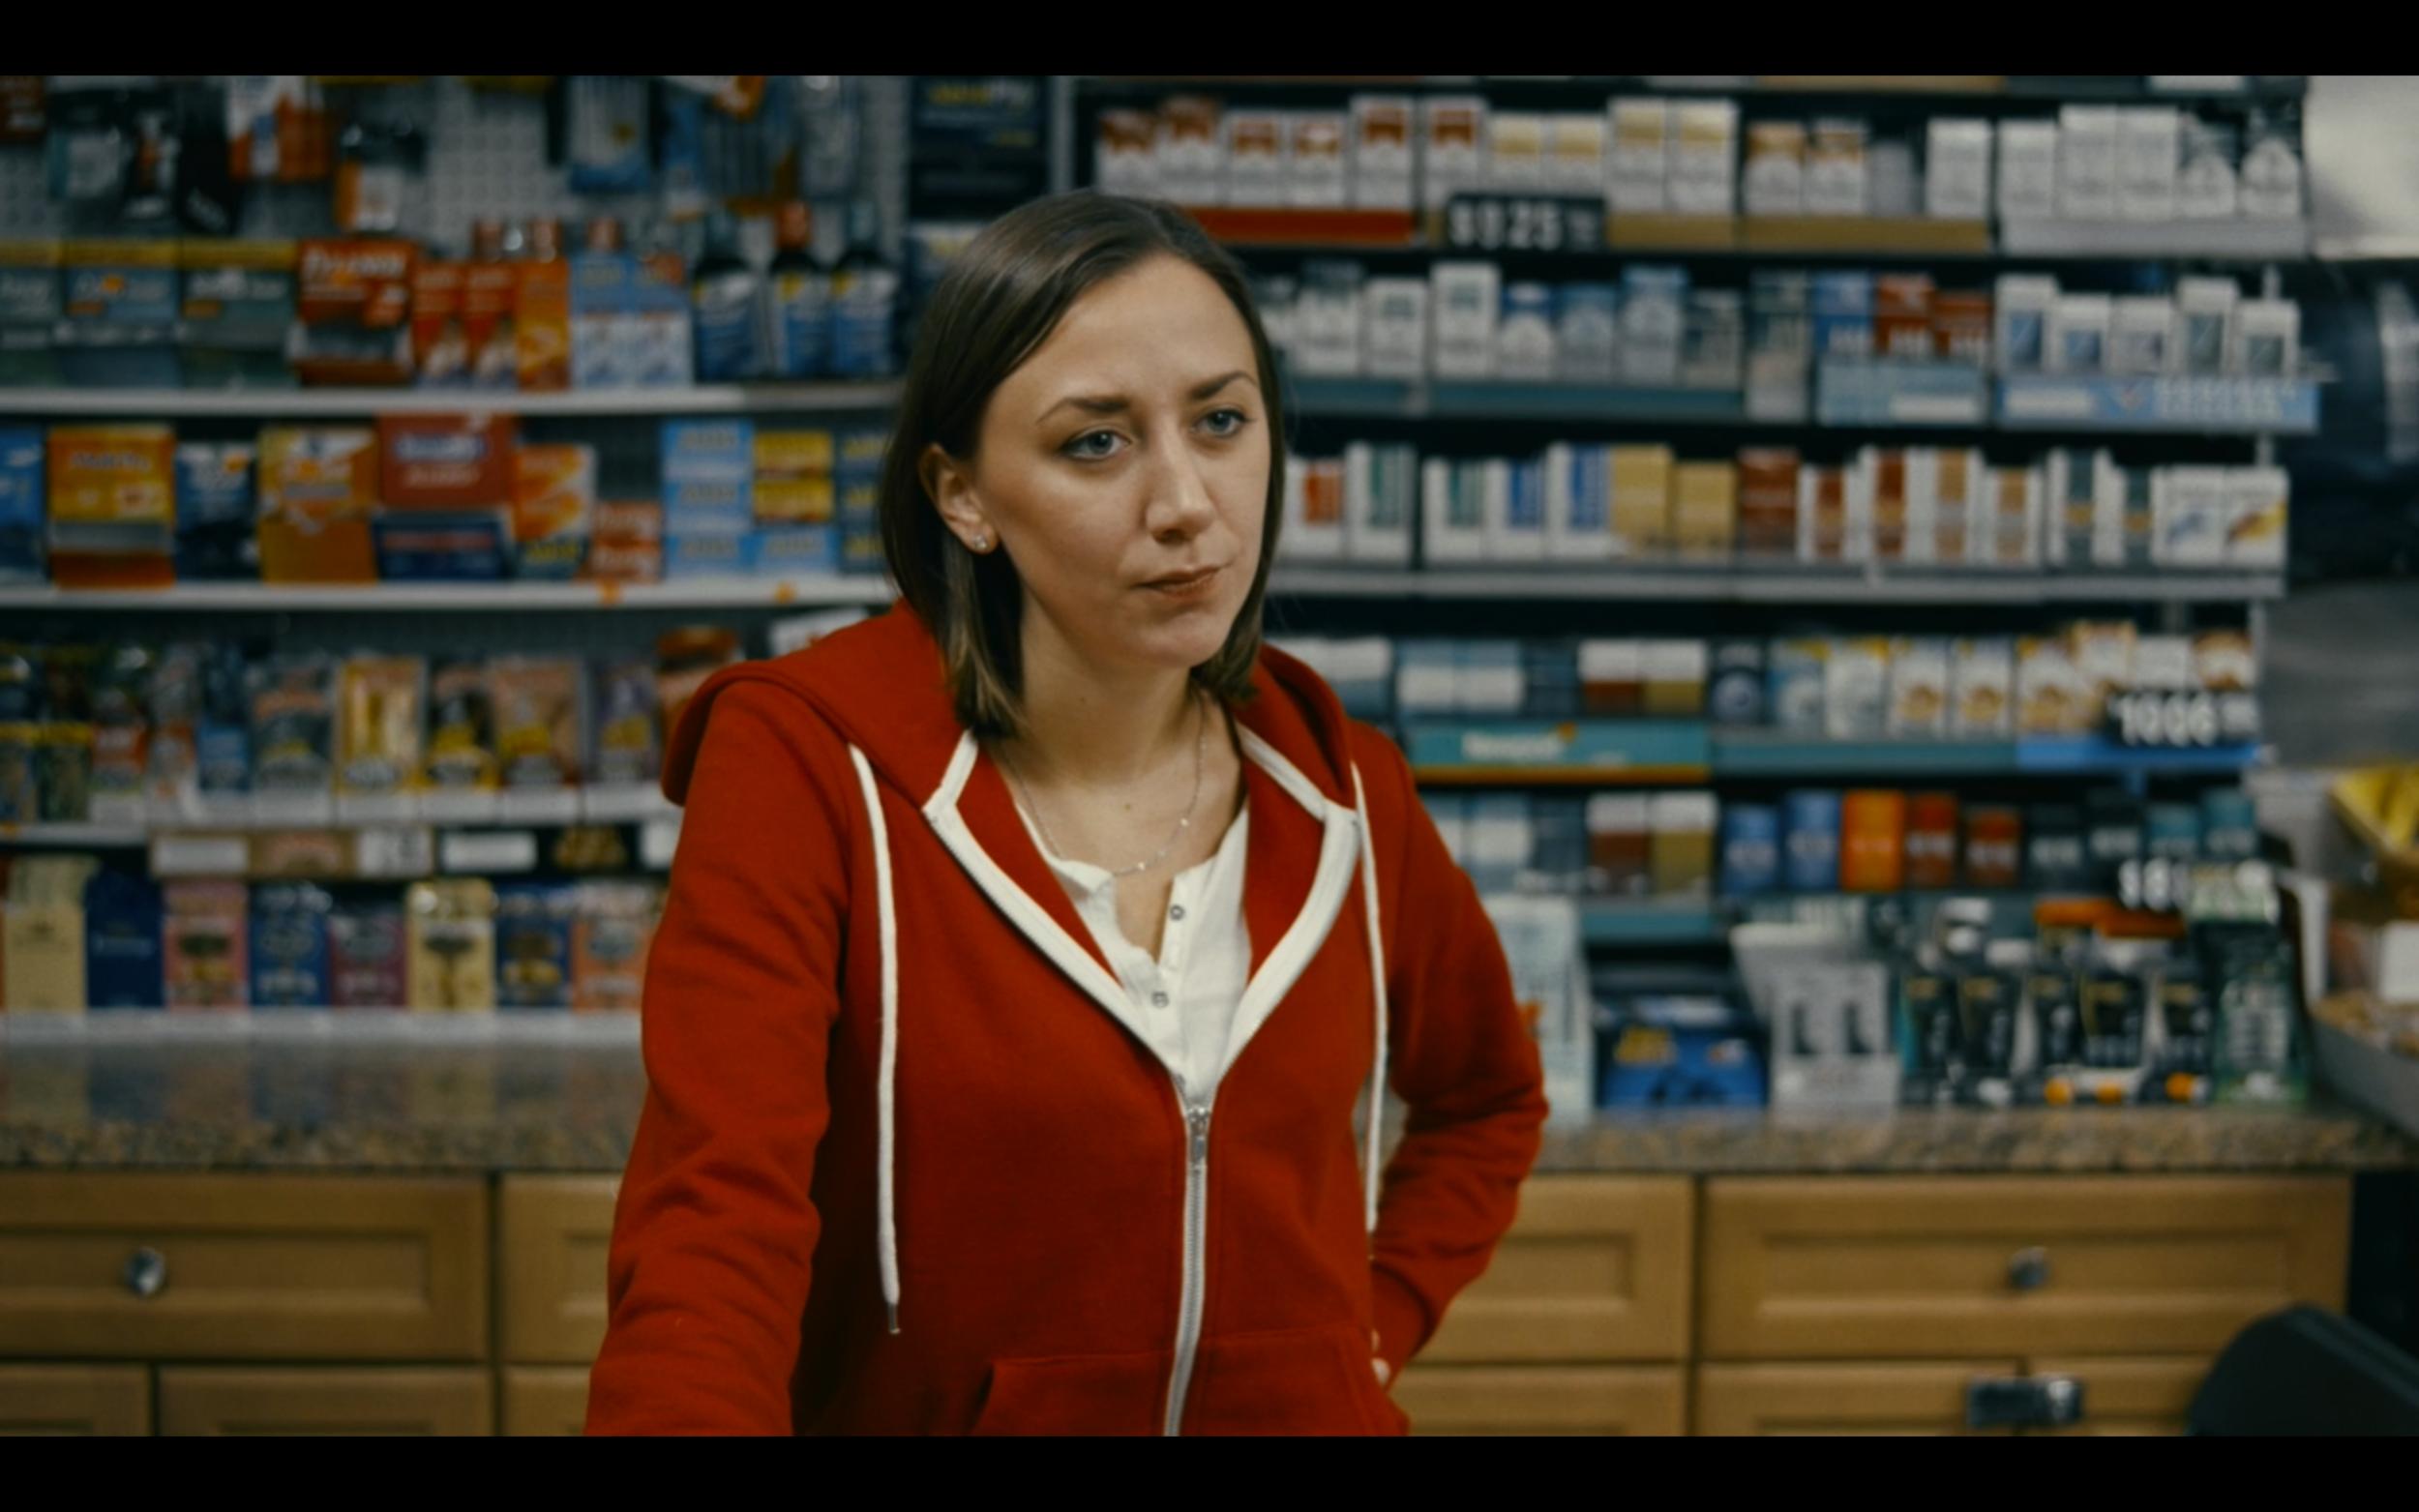 Sarah Keyes as Steph the clerk